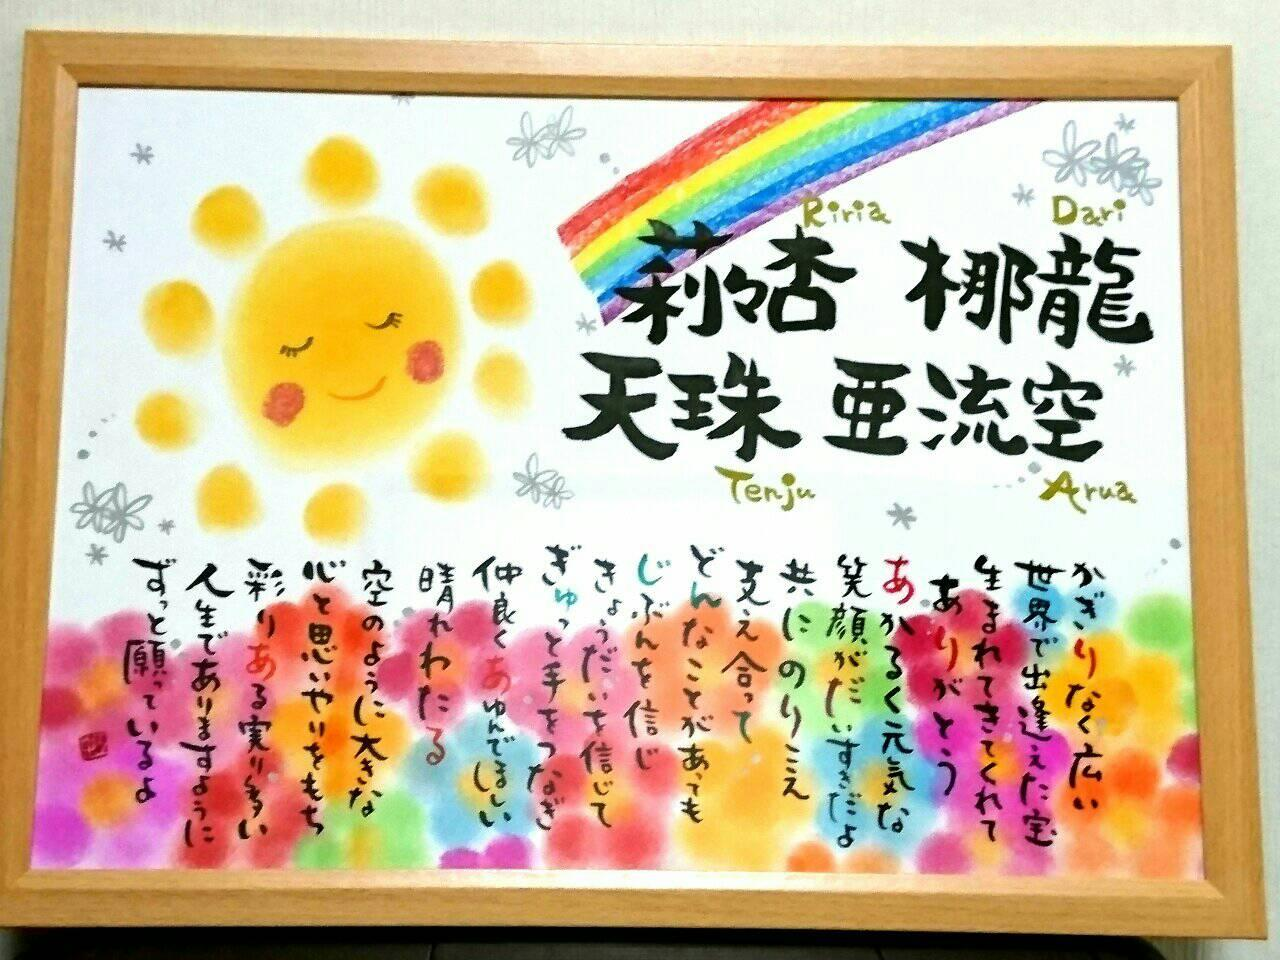 田上さんが制作したお名前ポエムとイラストのコラボ作品